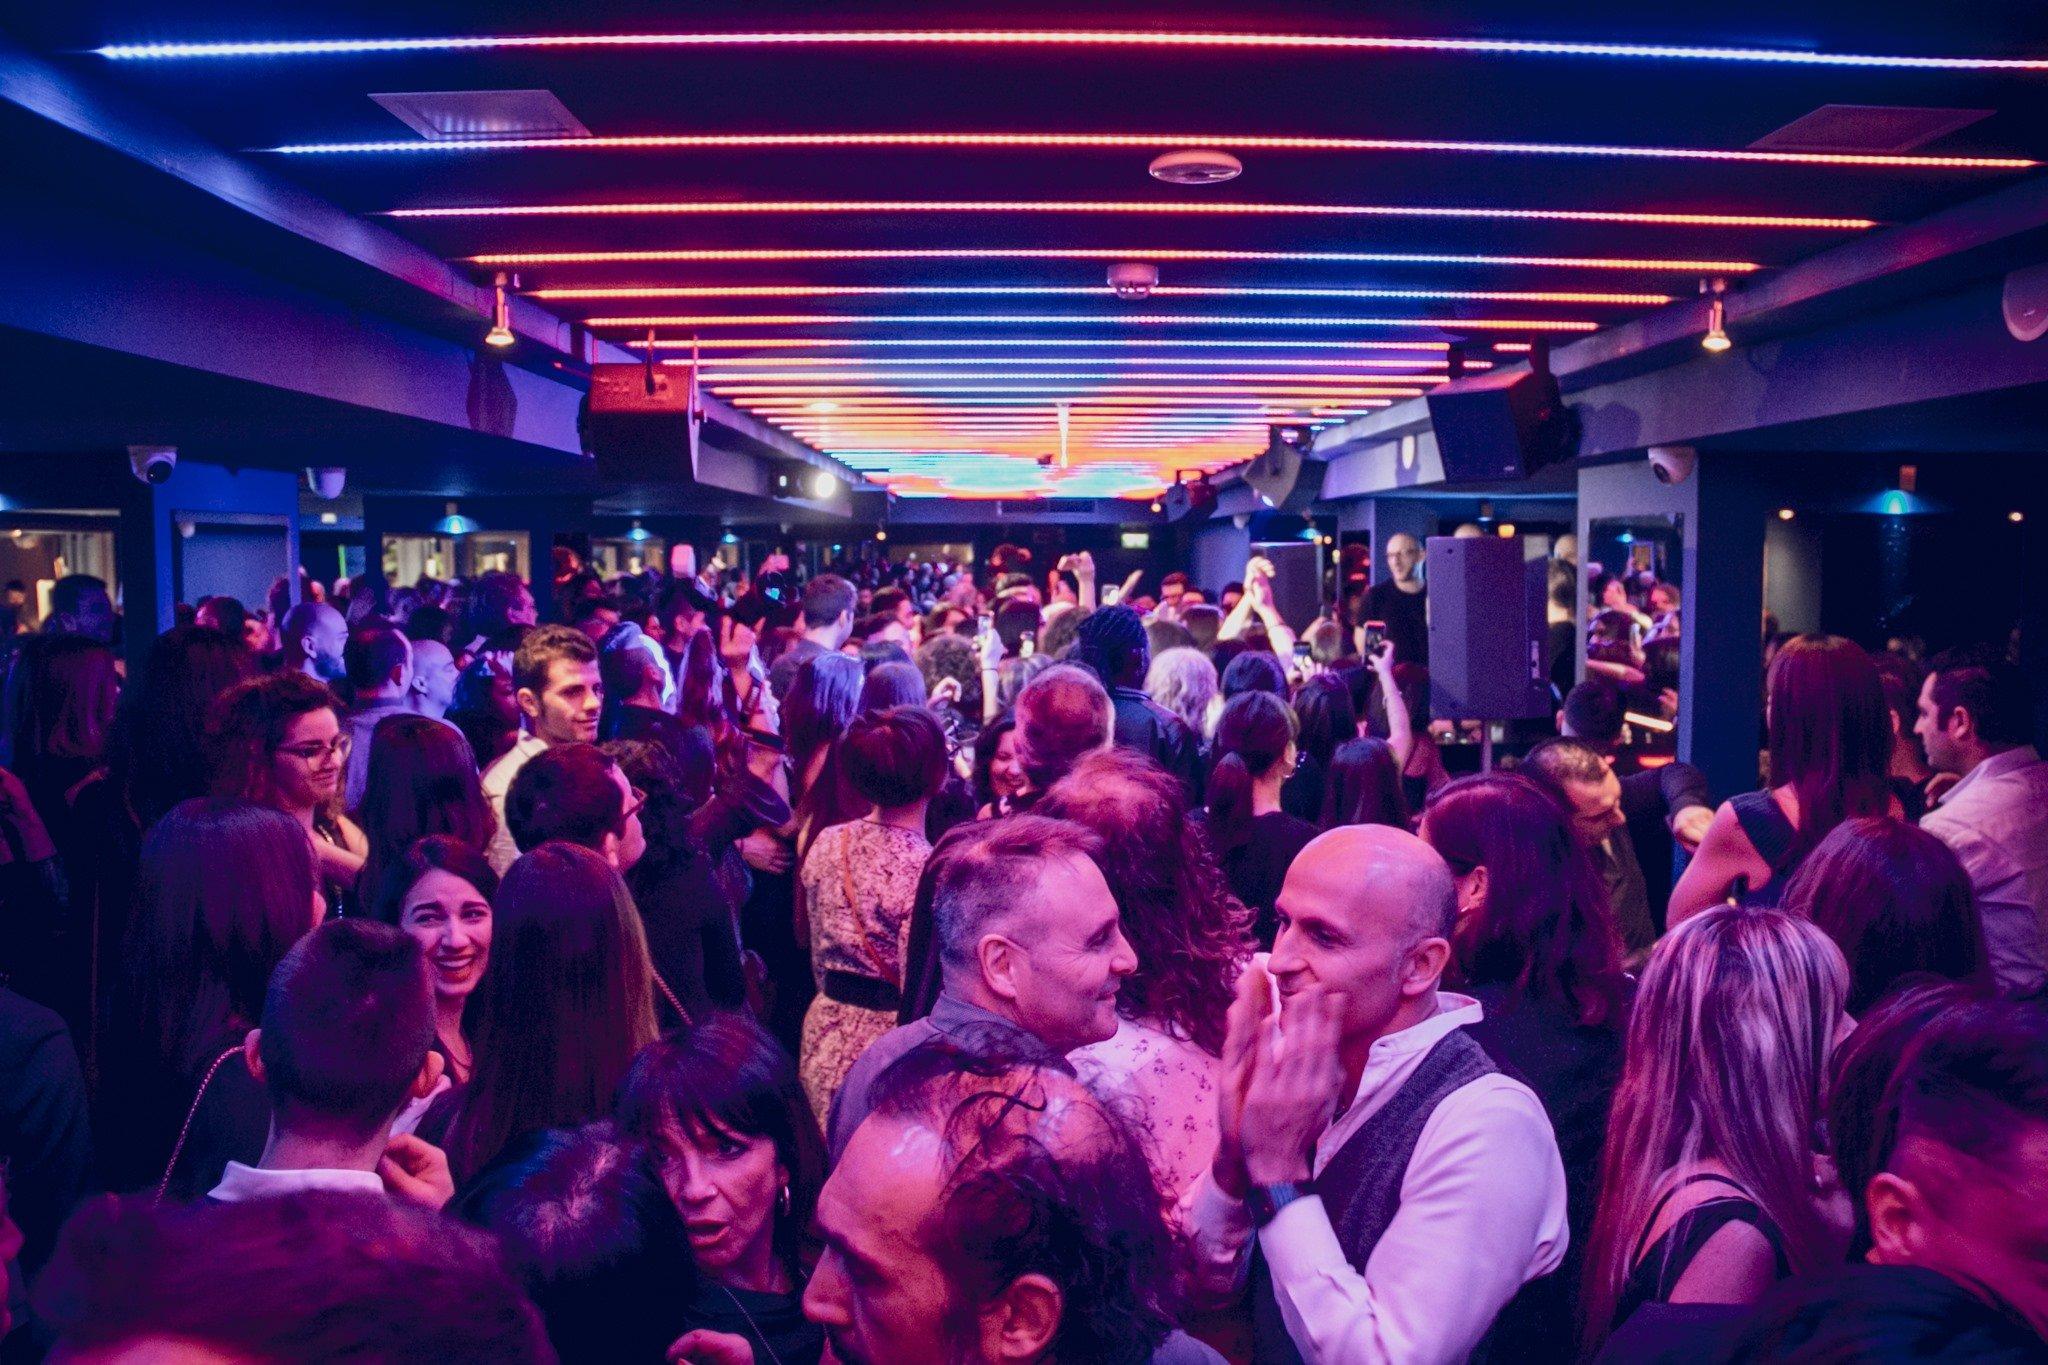 Inaugurazione 2019 - 2020 discoteca Gatto Blu Civitanova Marche